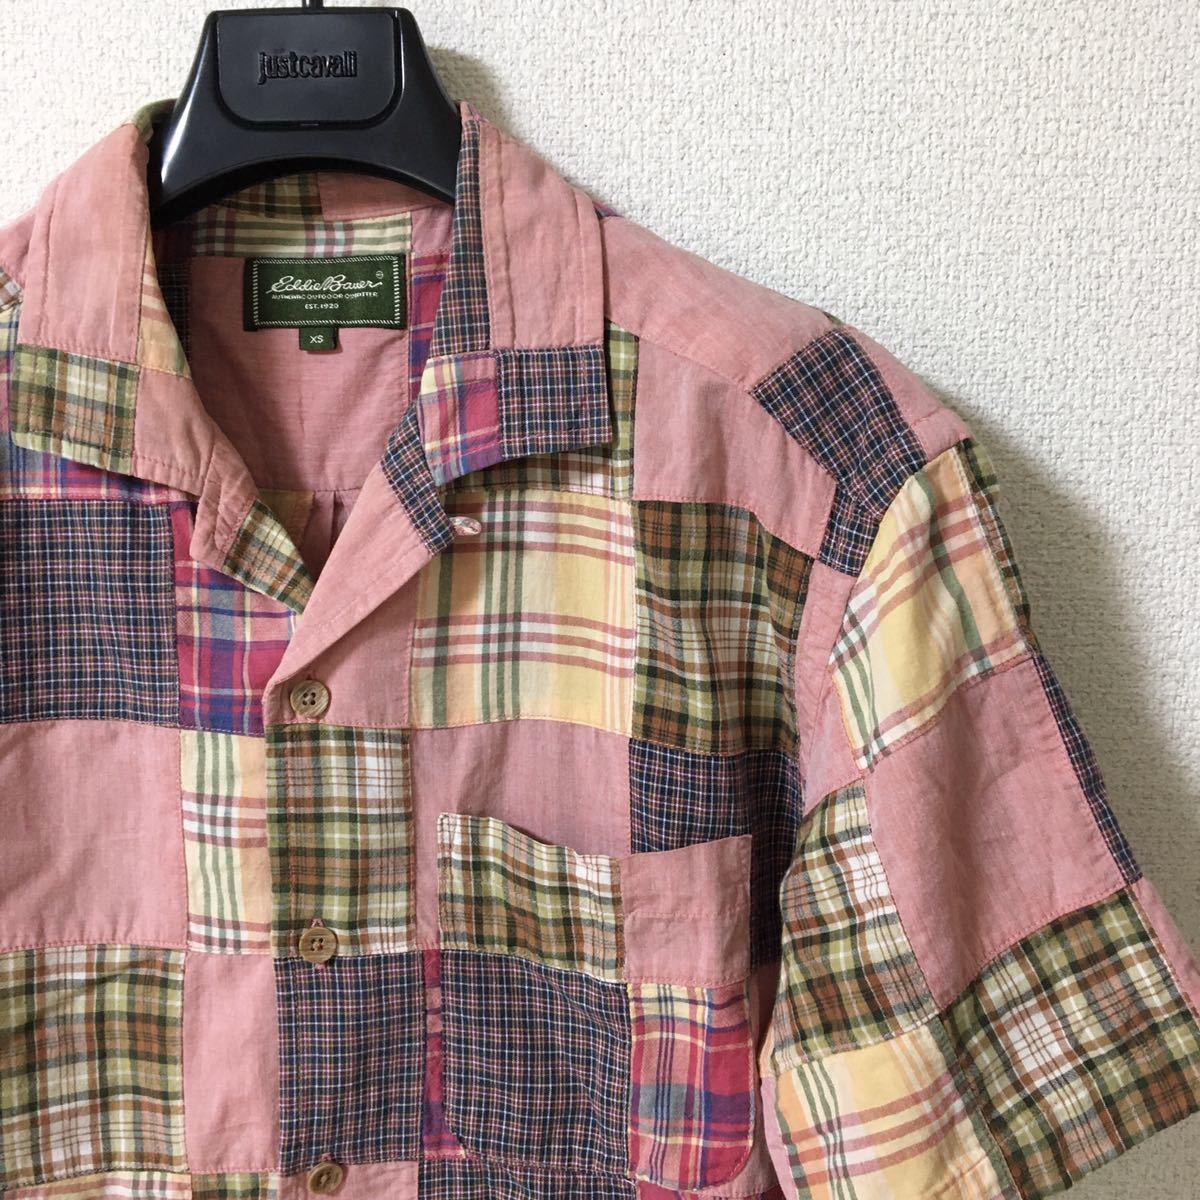 ◆エディーバウアー◆パッチワーク オープンカラー シャツ Eddie Bauer XS ピンク ネイビー カーキ 赤 イエロー チェック 開襟 シャンブレ